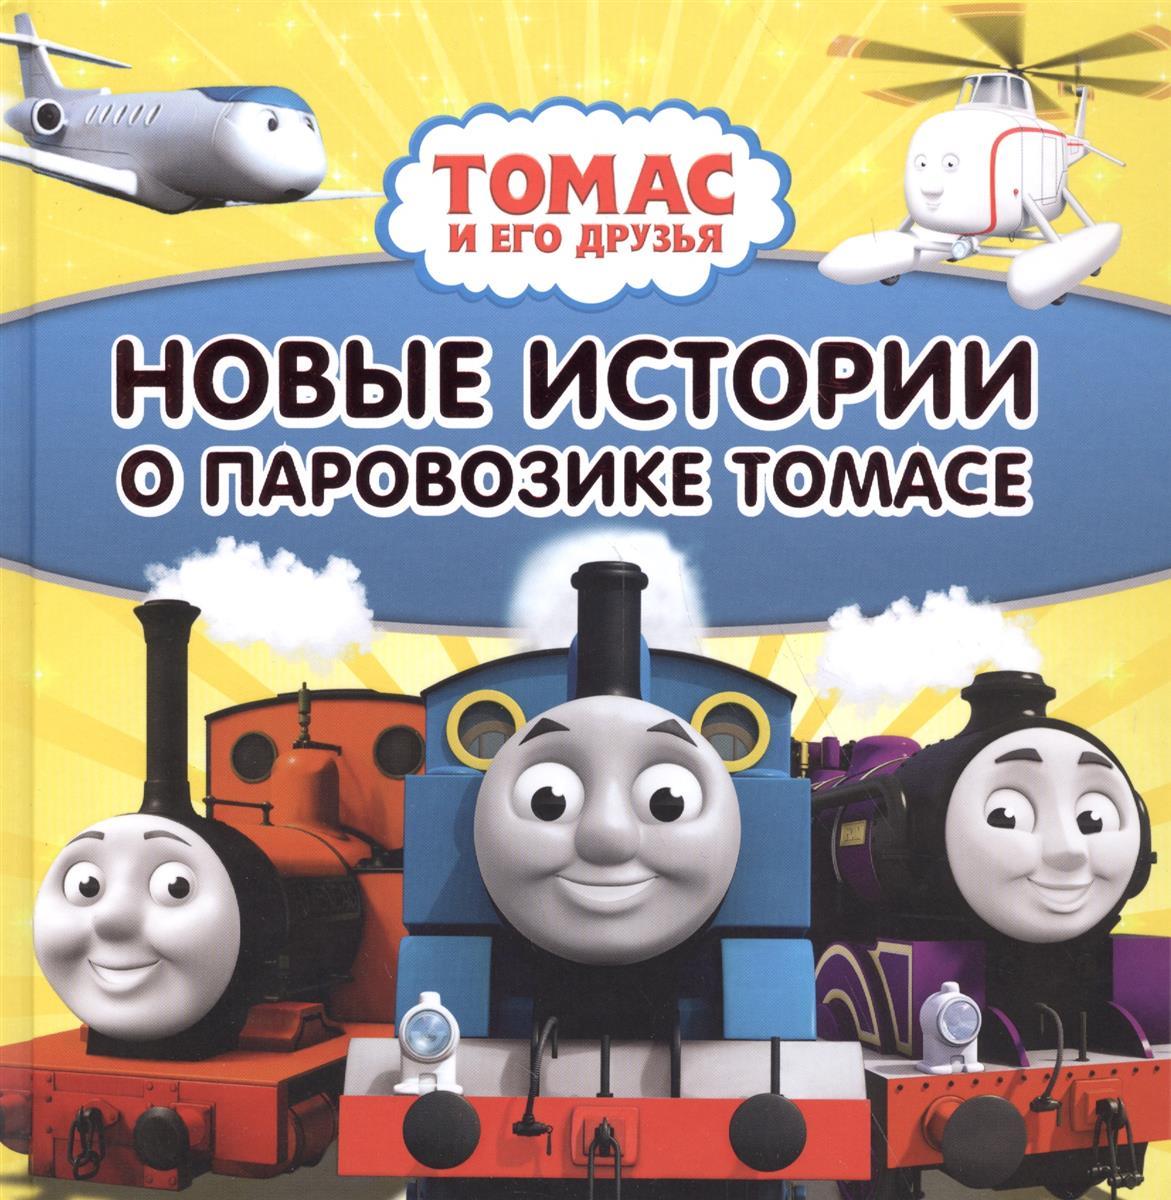 Одри У. Томас и его друзья. Новые истории о паровозике Томасе